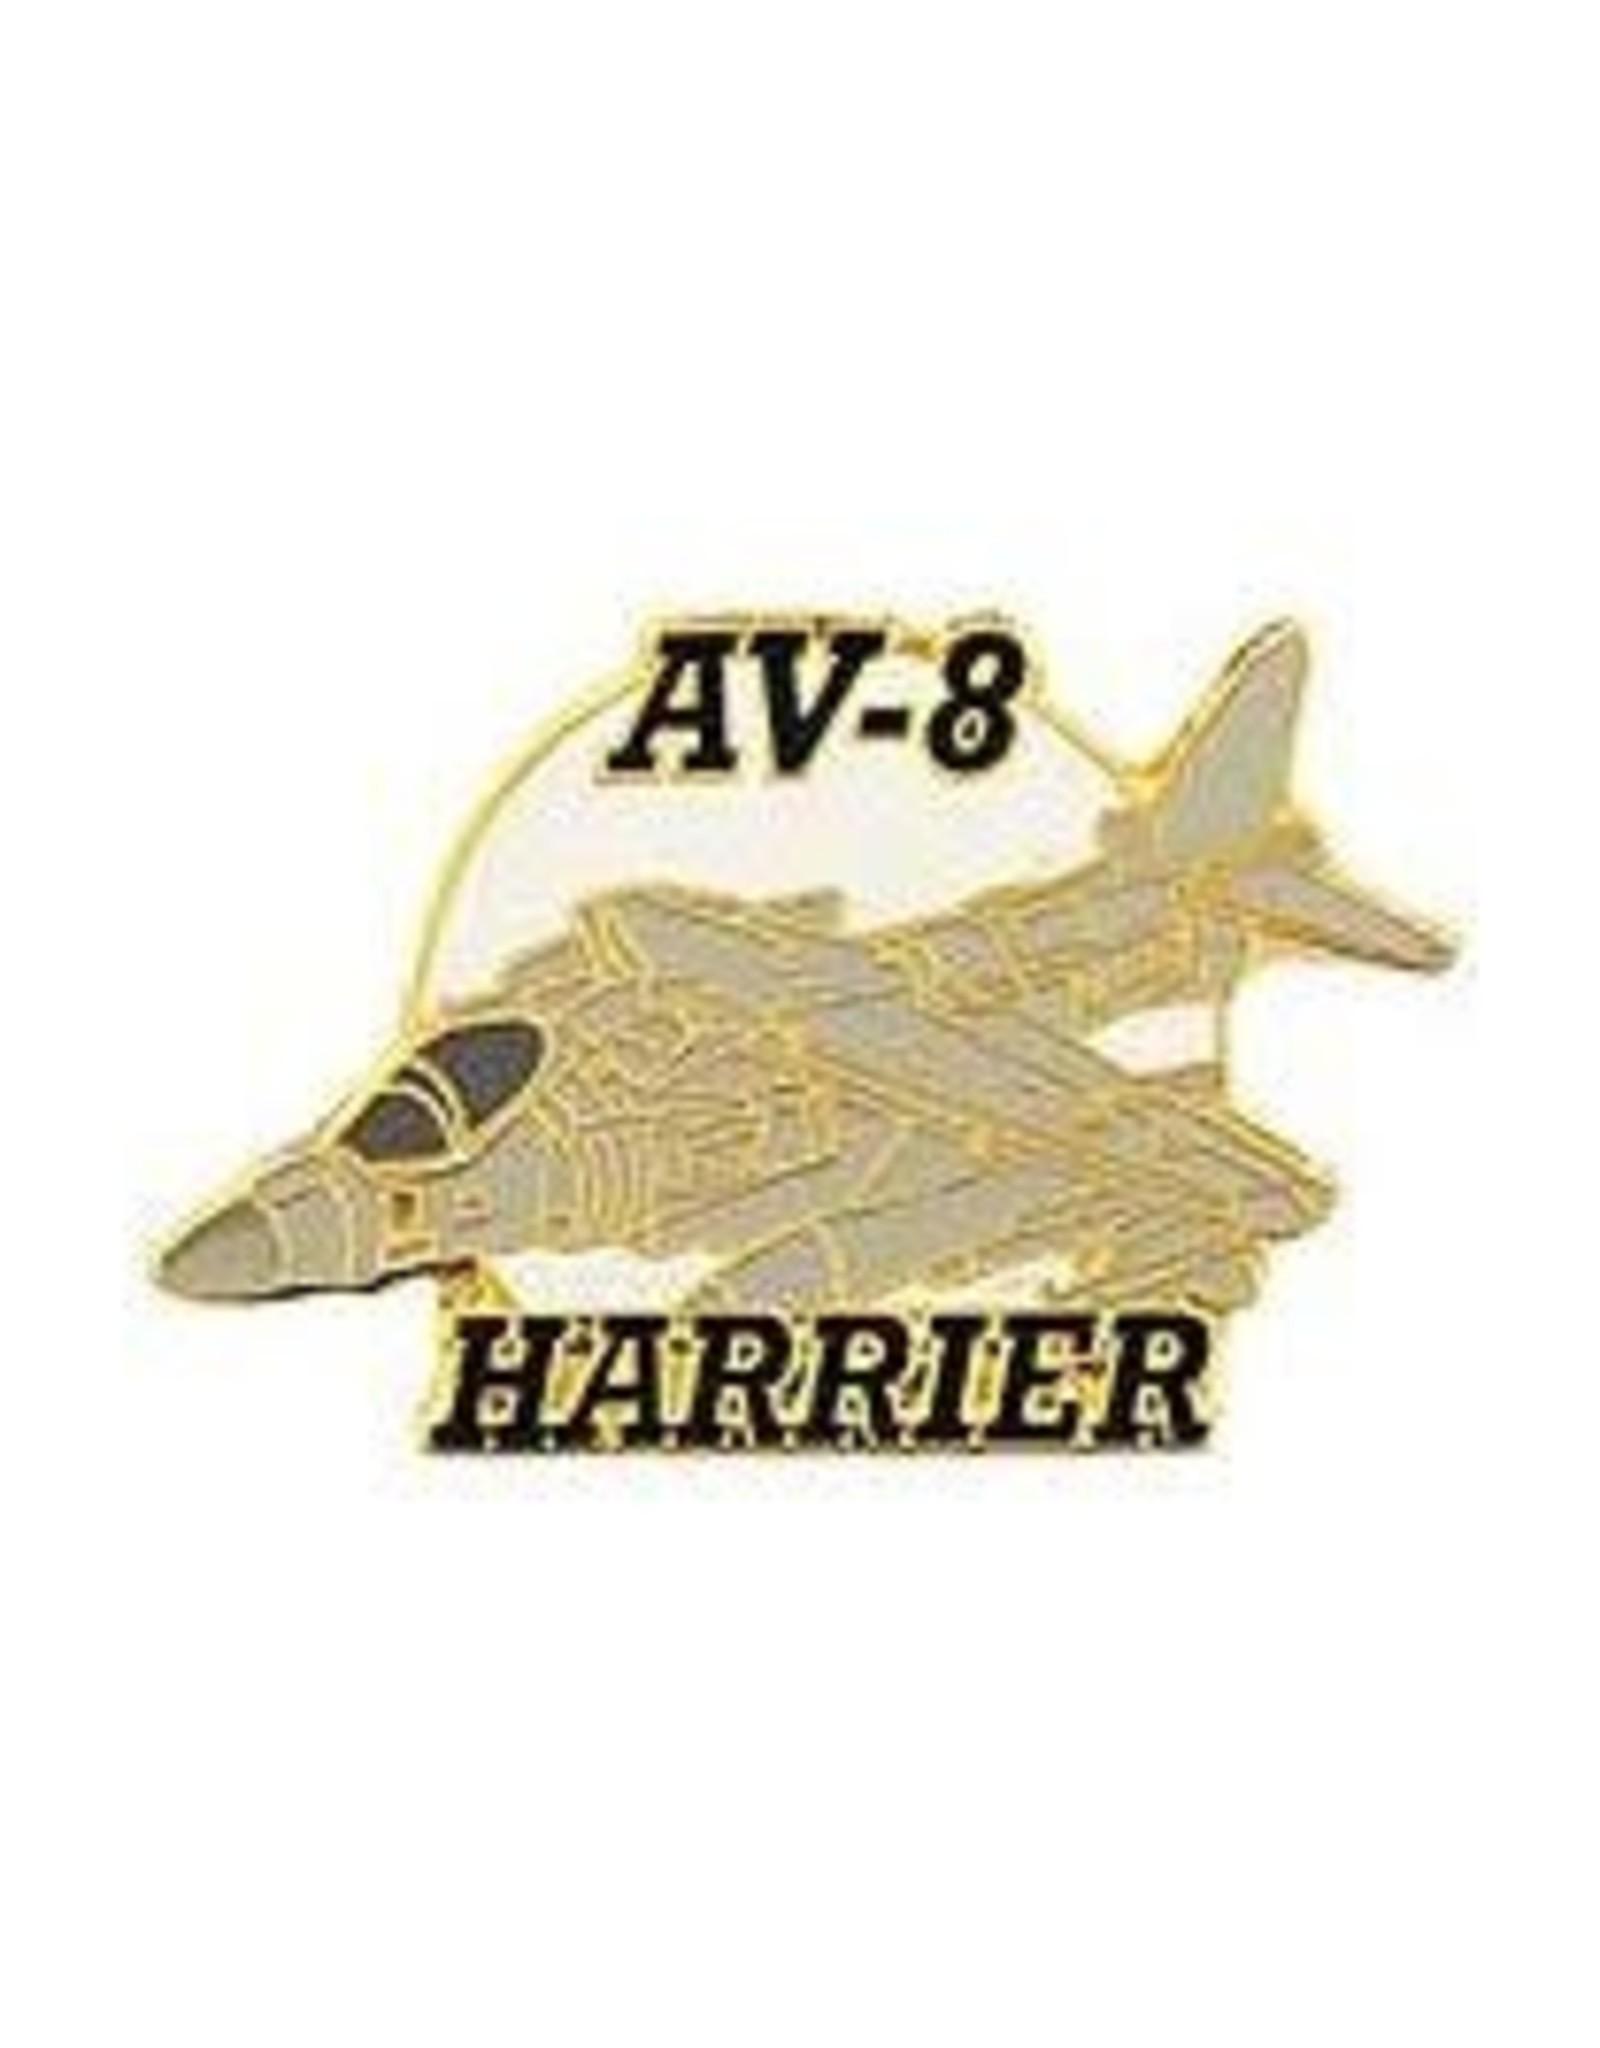 Pin - Airplane AV-8 Harrier